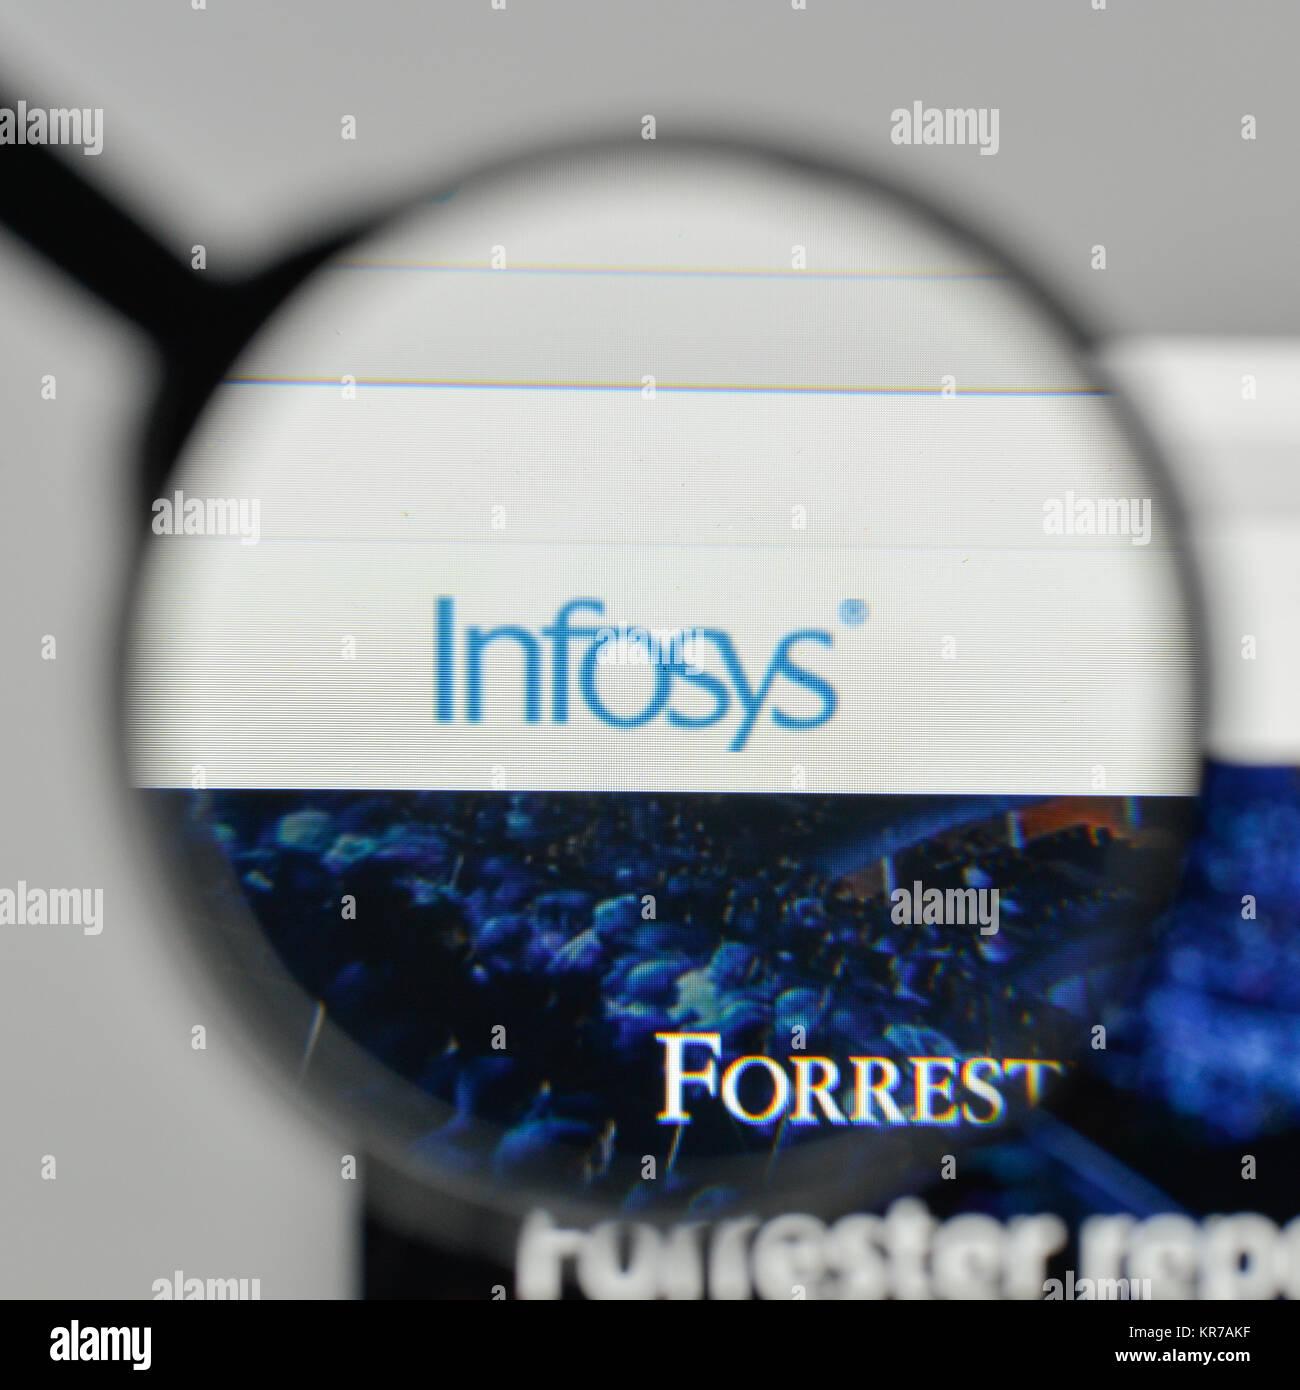 Milano, Italia - 1 Novembre 2017: Infosys logo sulla homepage del sito web. Immagini Stock